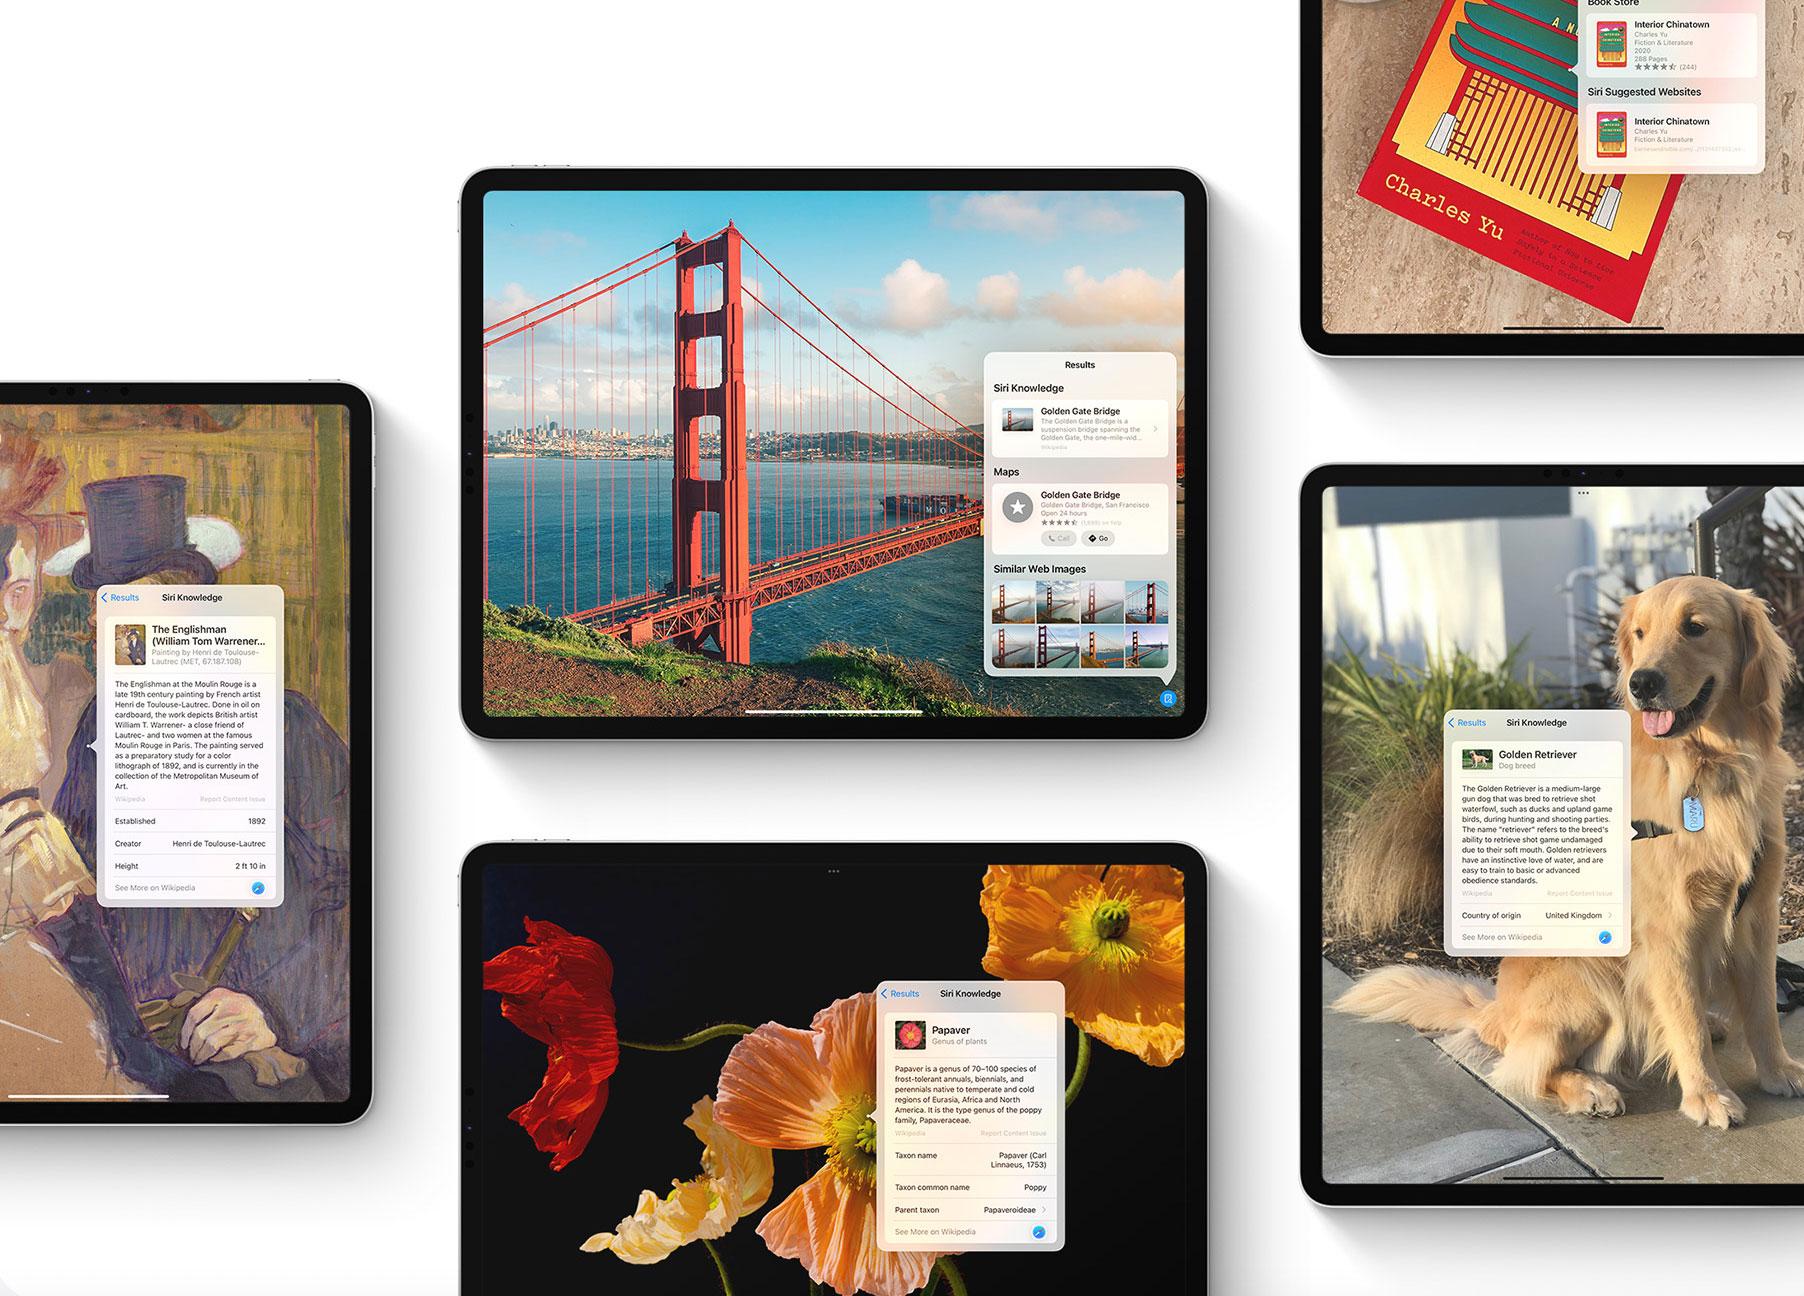 Reconocimiento de imágenes utilizado en el iPad para encontrar información sobre lugares famosos y otros